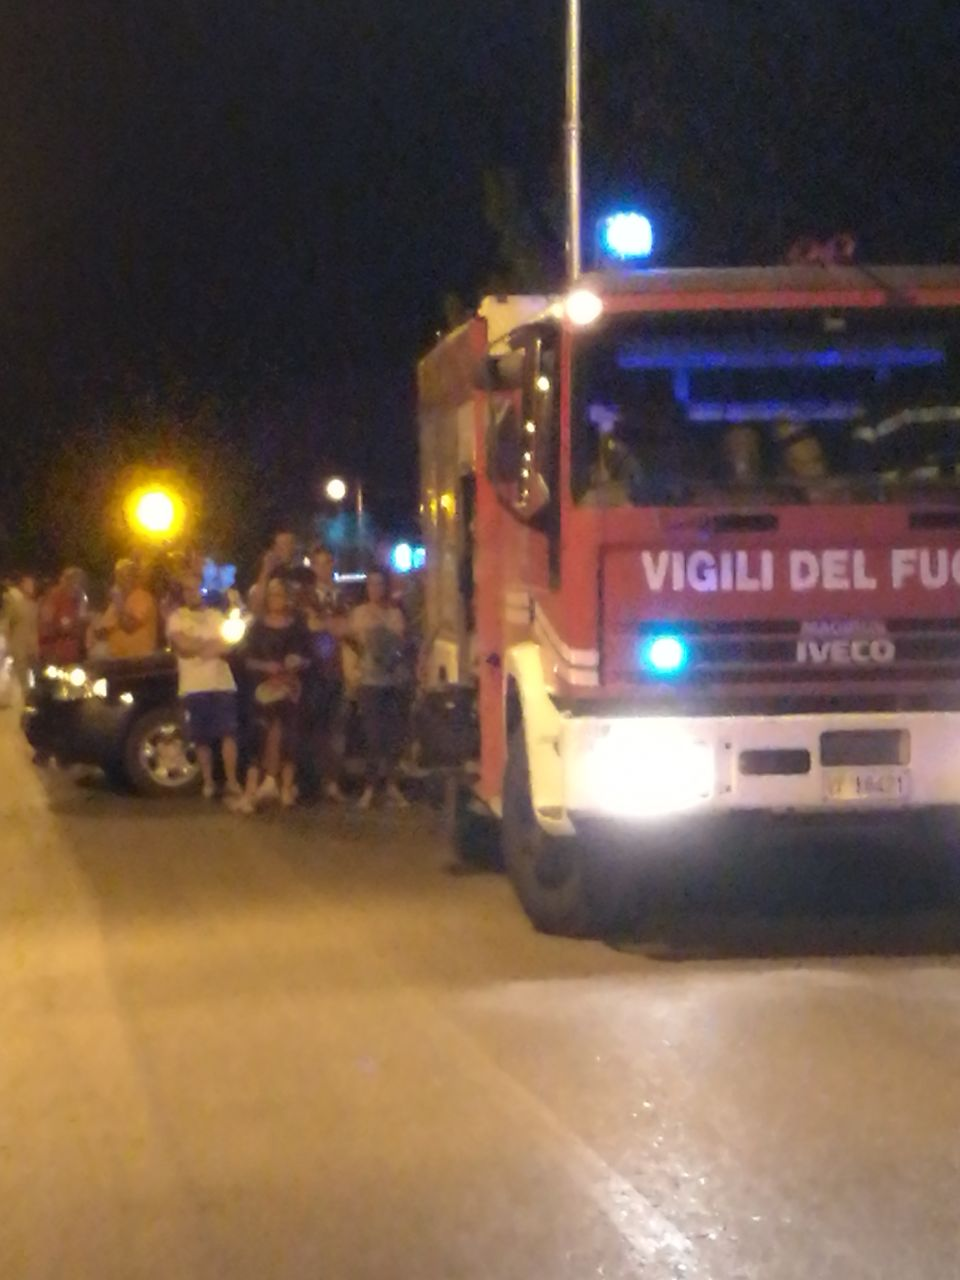 San Benedetto, arresto con i fuochi d'artificio. I fratelli Cherubini tornano in carcere